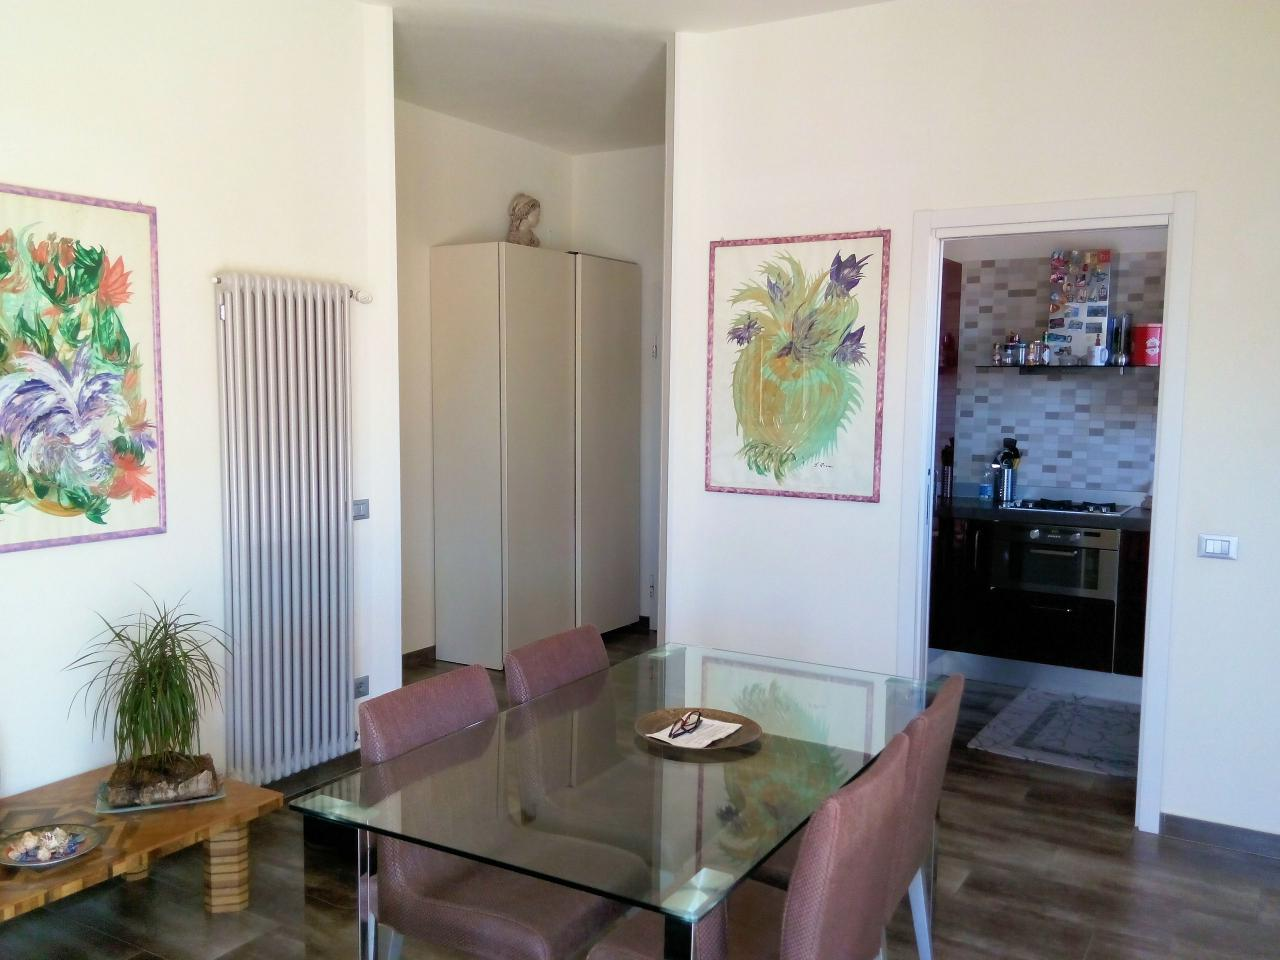 Appartamento in vendita a Viareggio, 3 locali, prezzo € 415.000 | Cambio Casa.it